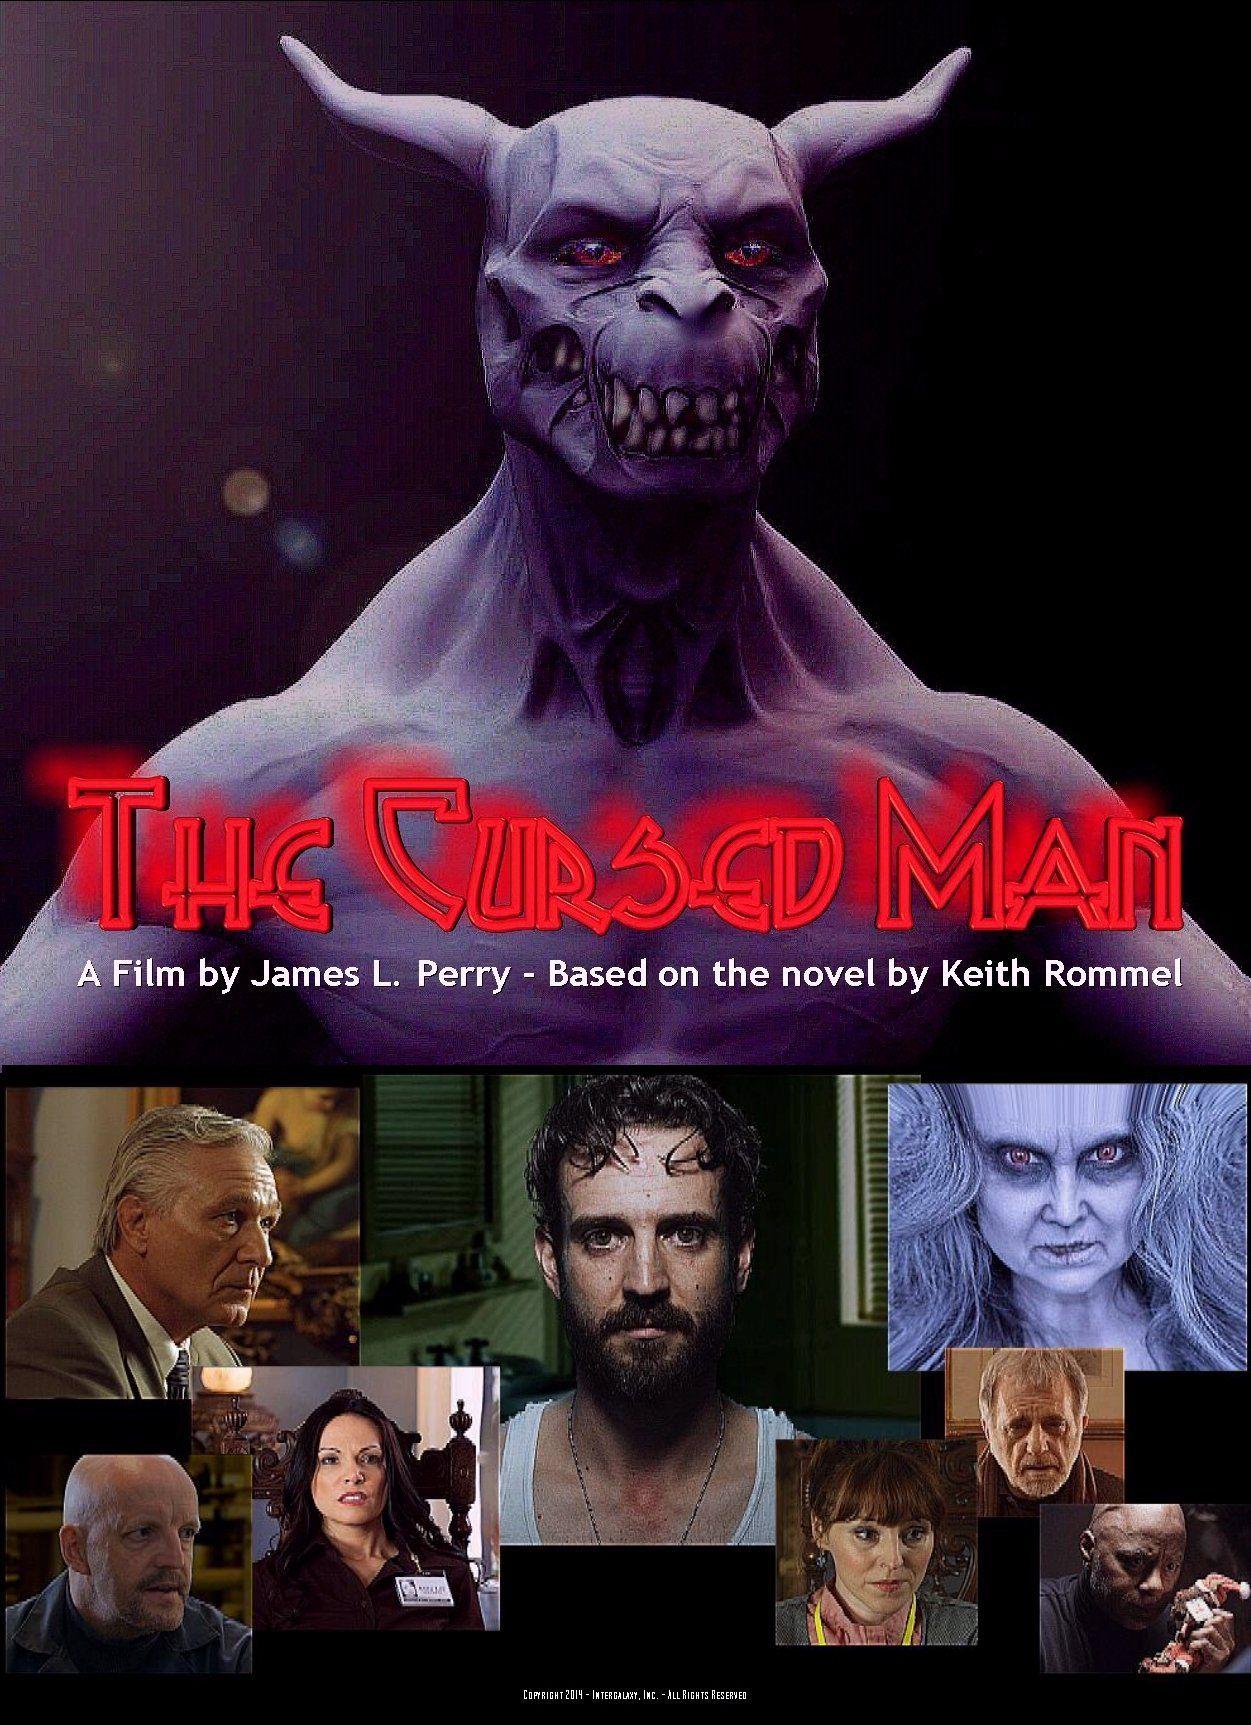 The Cursed Man - Film (2016)